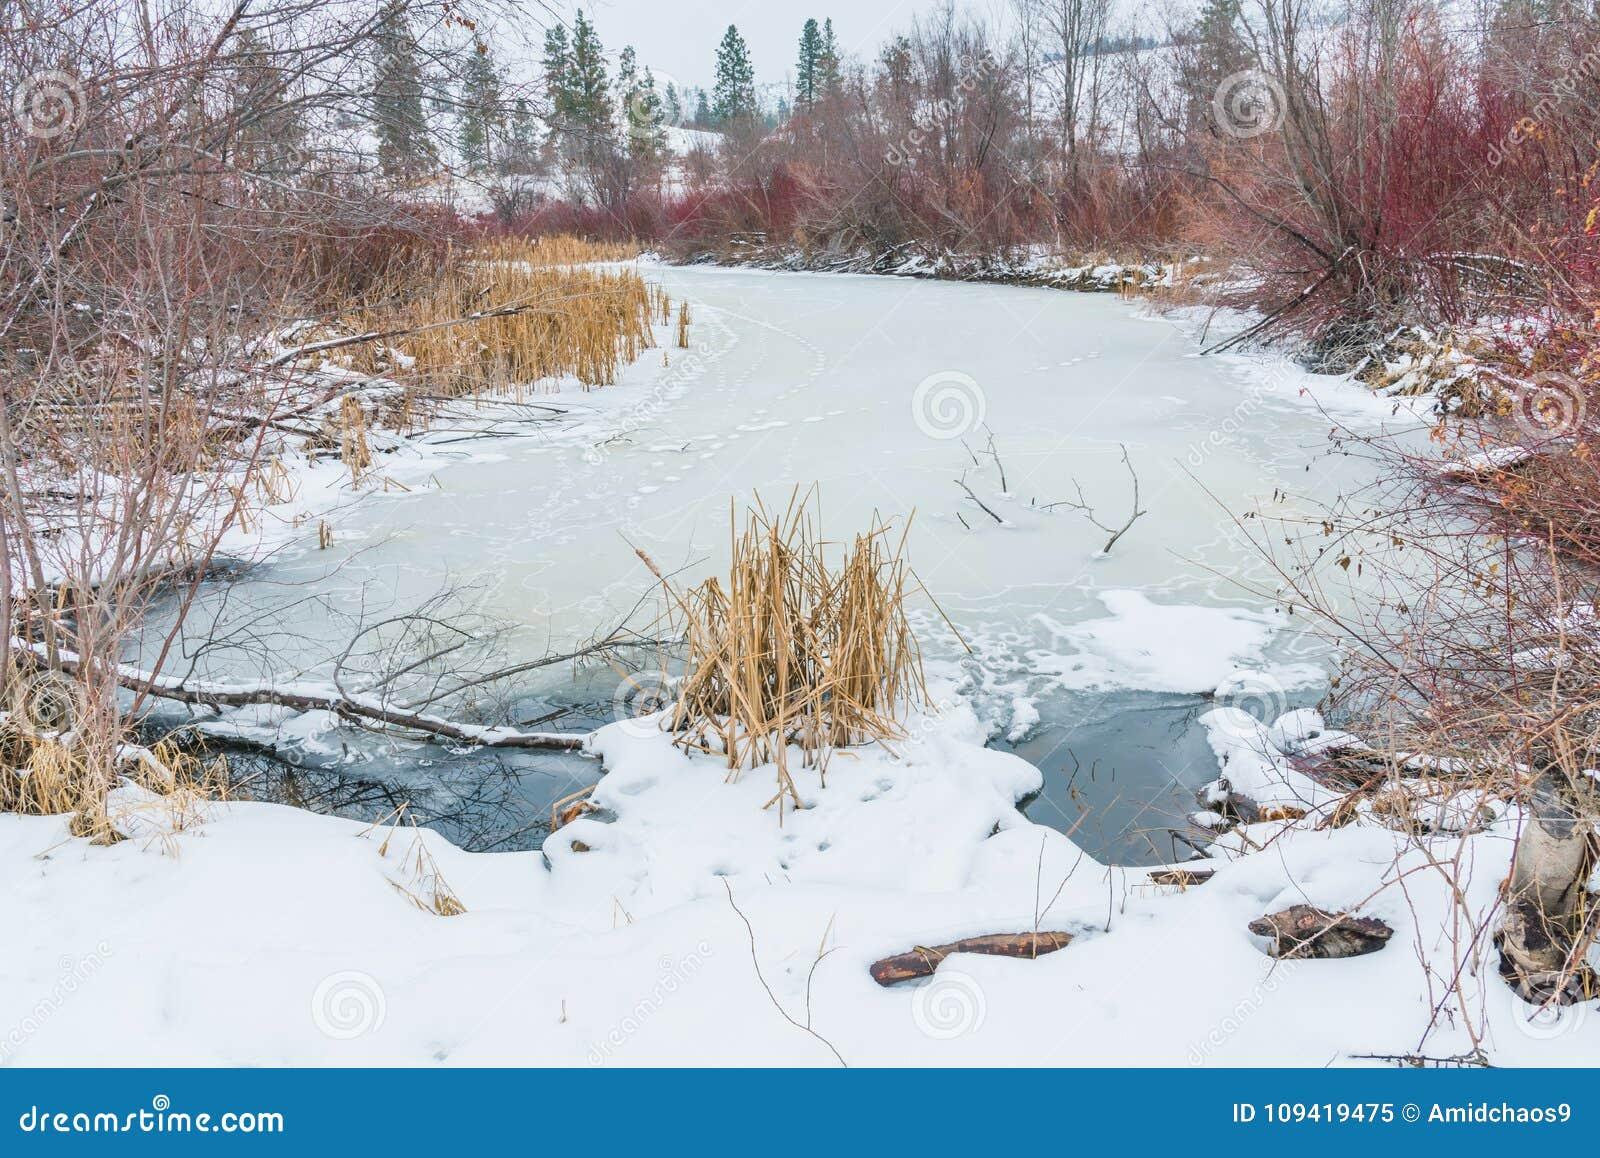 Winterlandschaft des gefrorenen Sumpfes mit Schilfen und Weiden